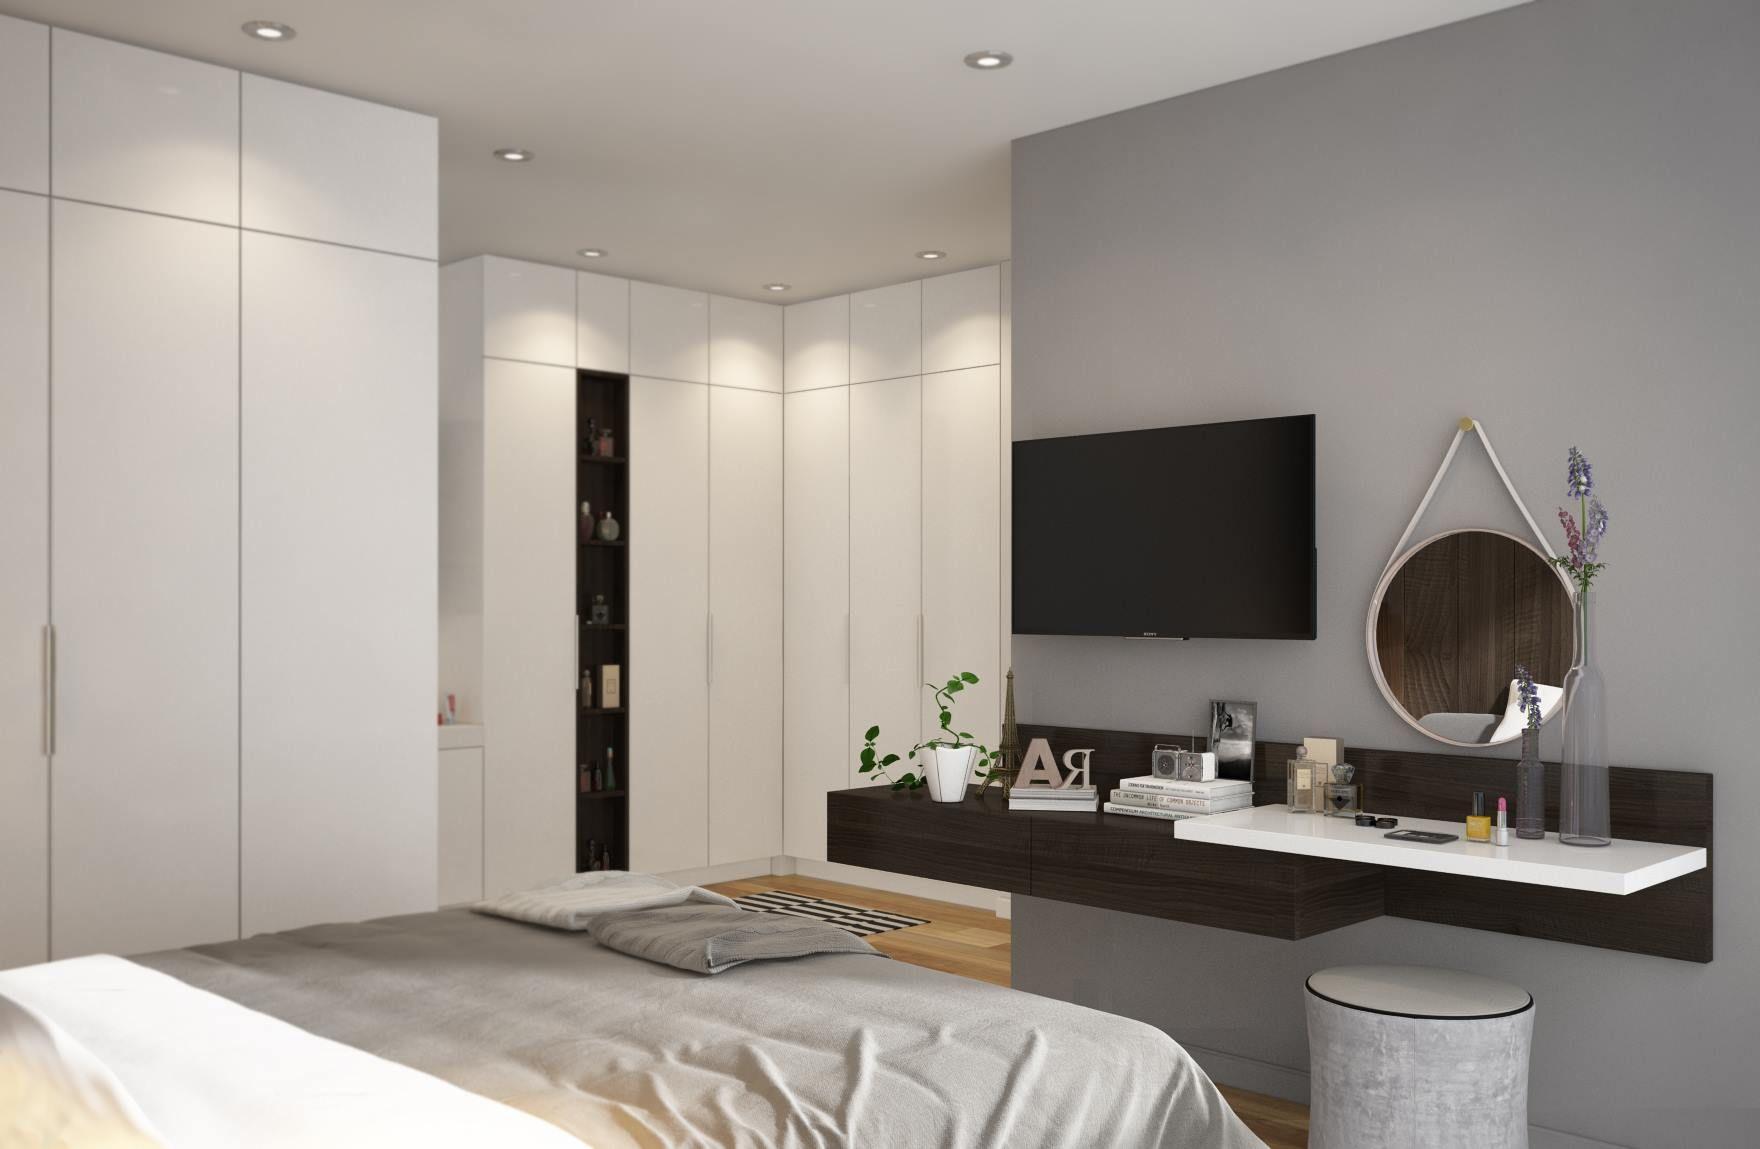 Bedroom, Room, Bedrooms, Dorm